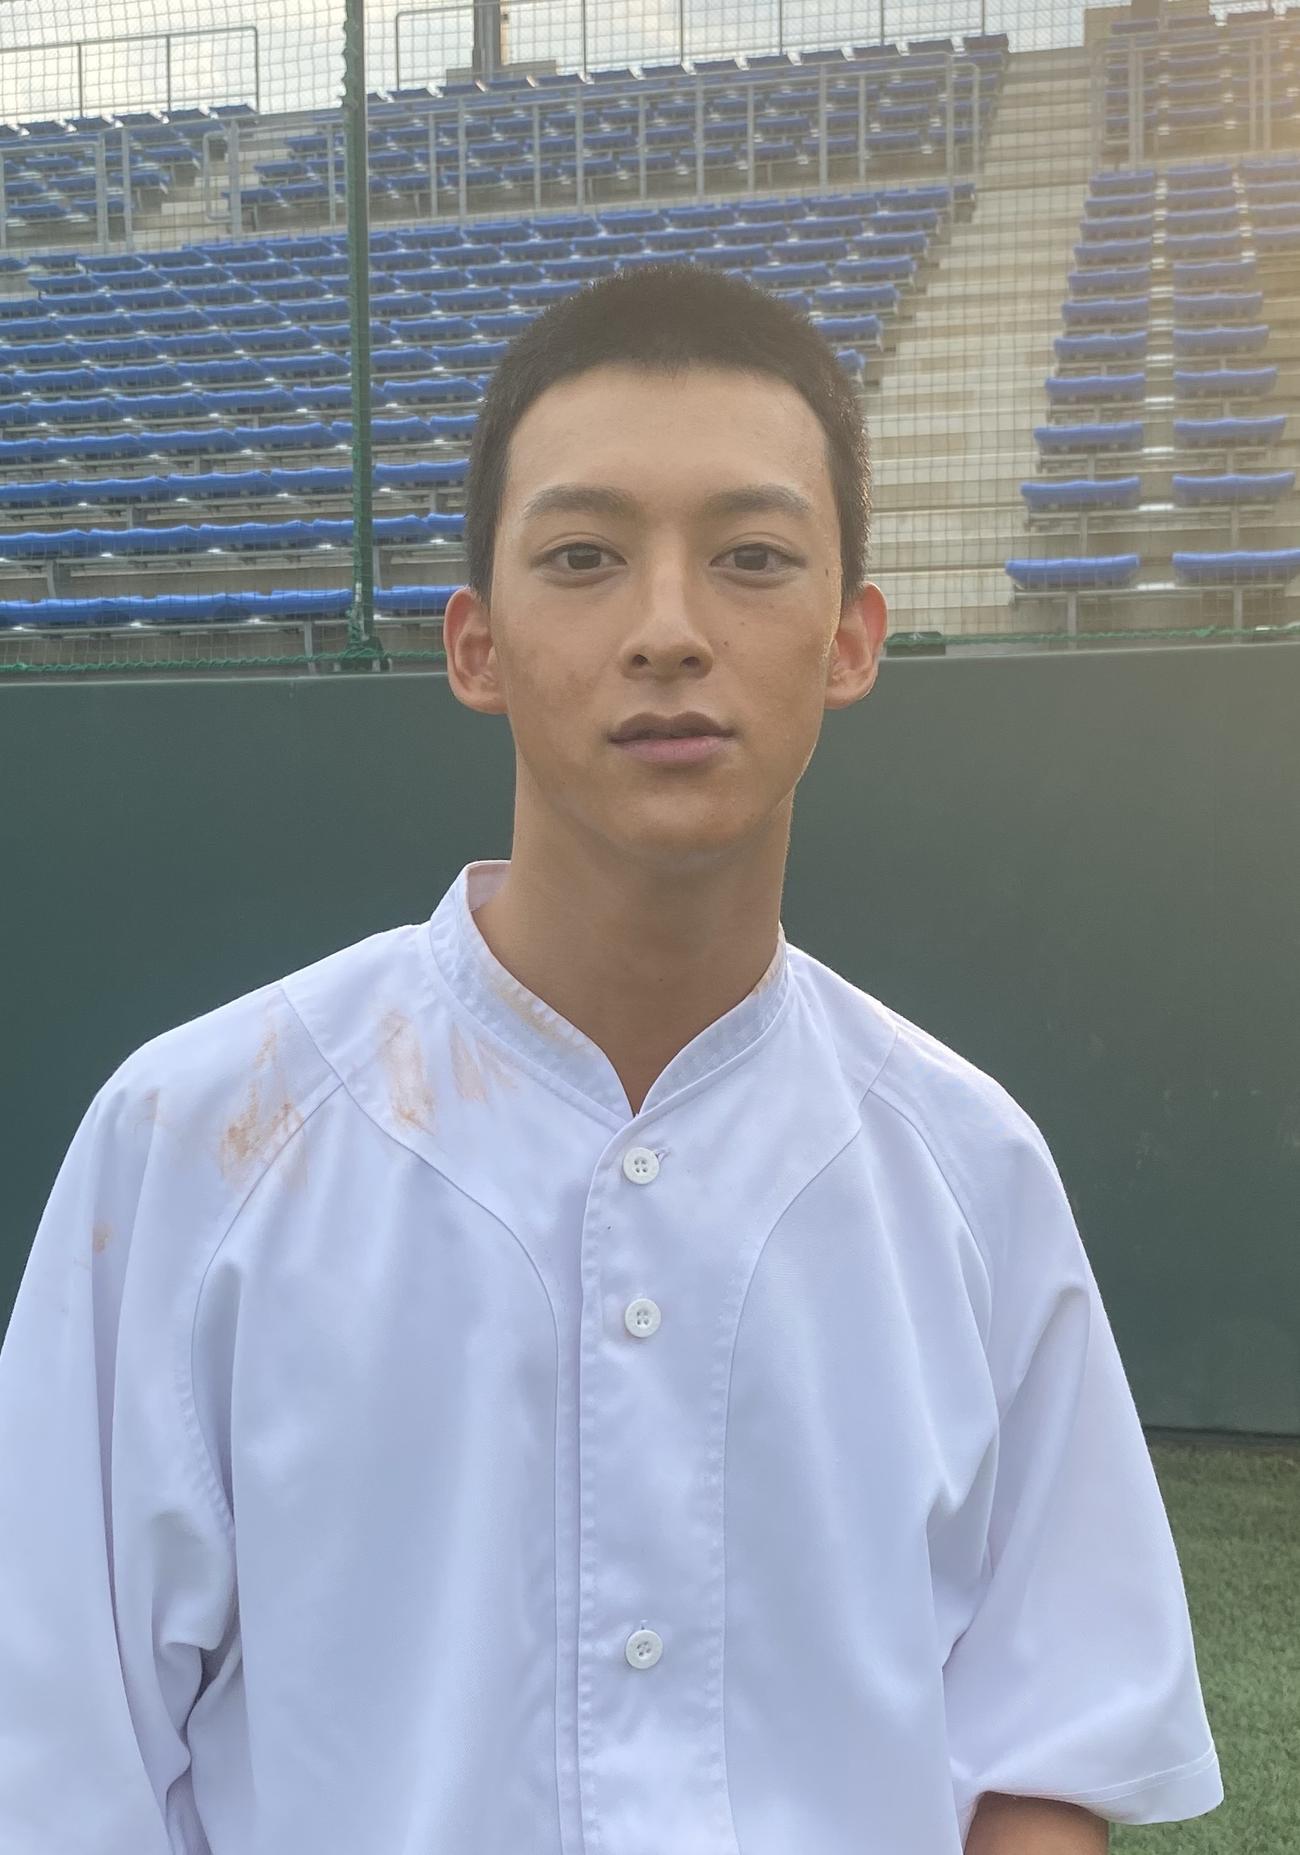 NHK連続テレビ小説「エール」で高校球児を演じるにあたり、丸刈り頭に初挑戦した伊藤あさひ